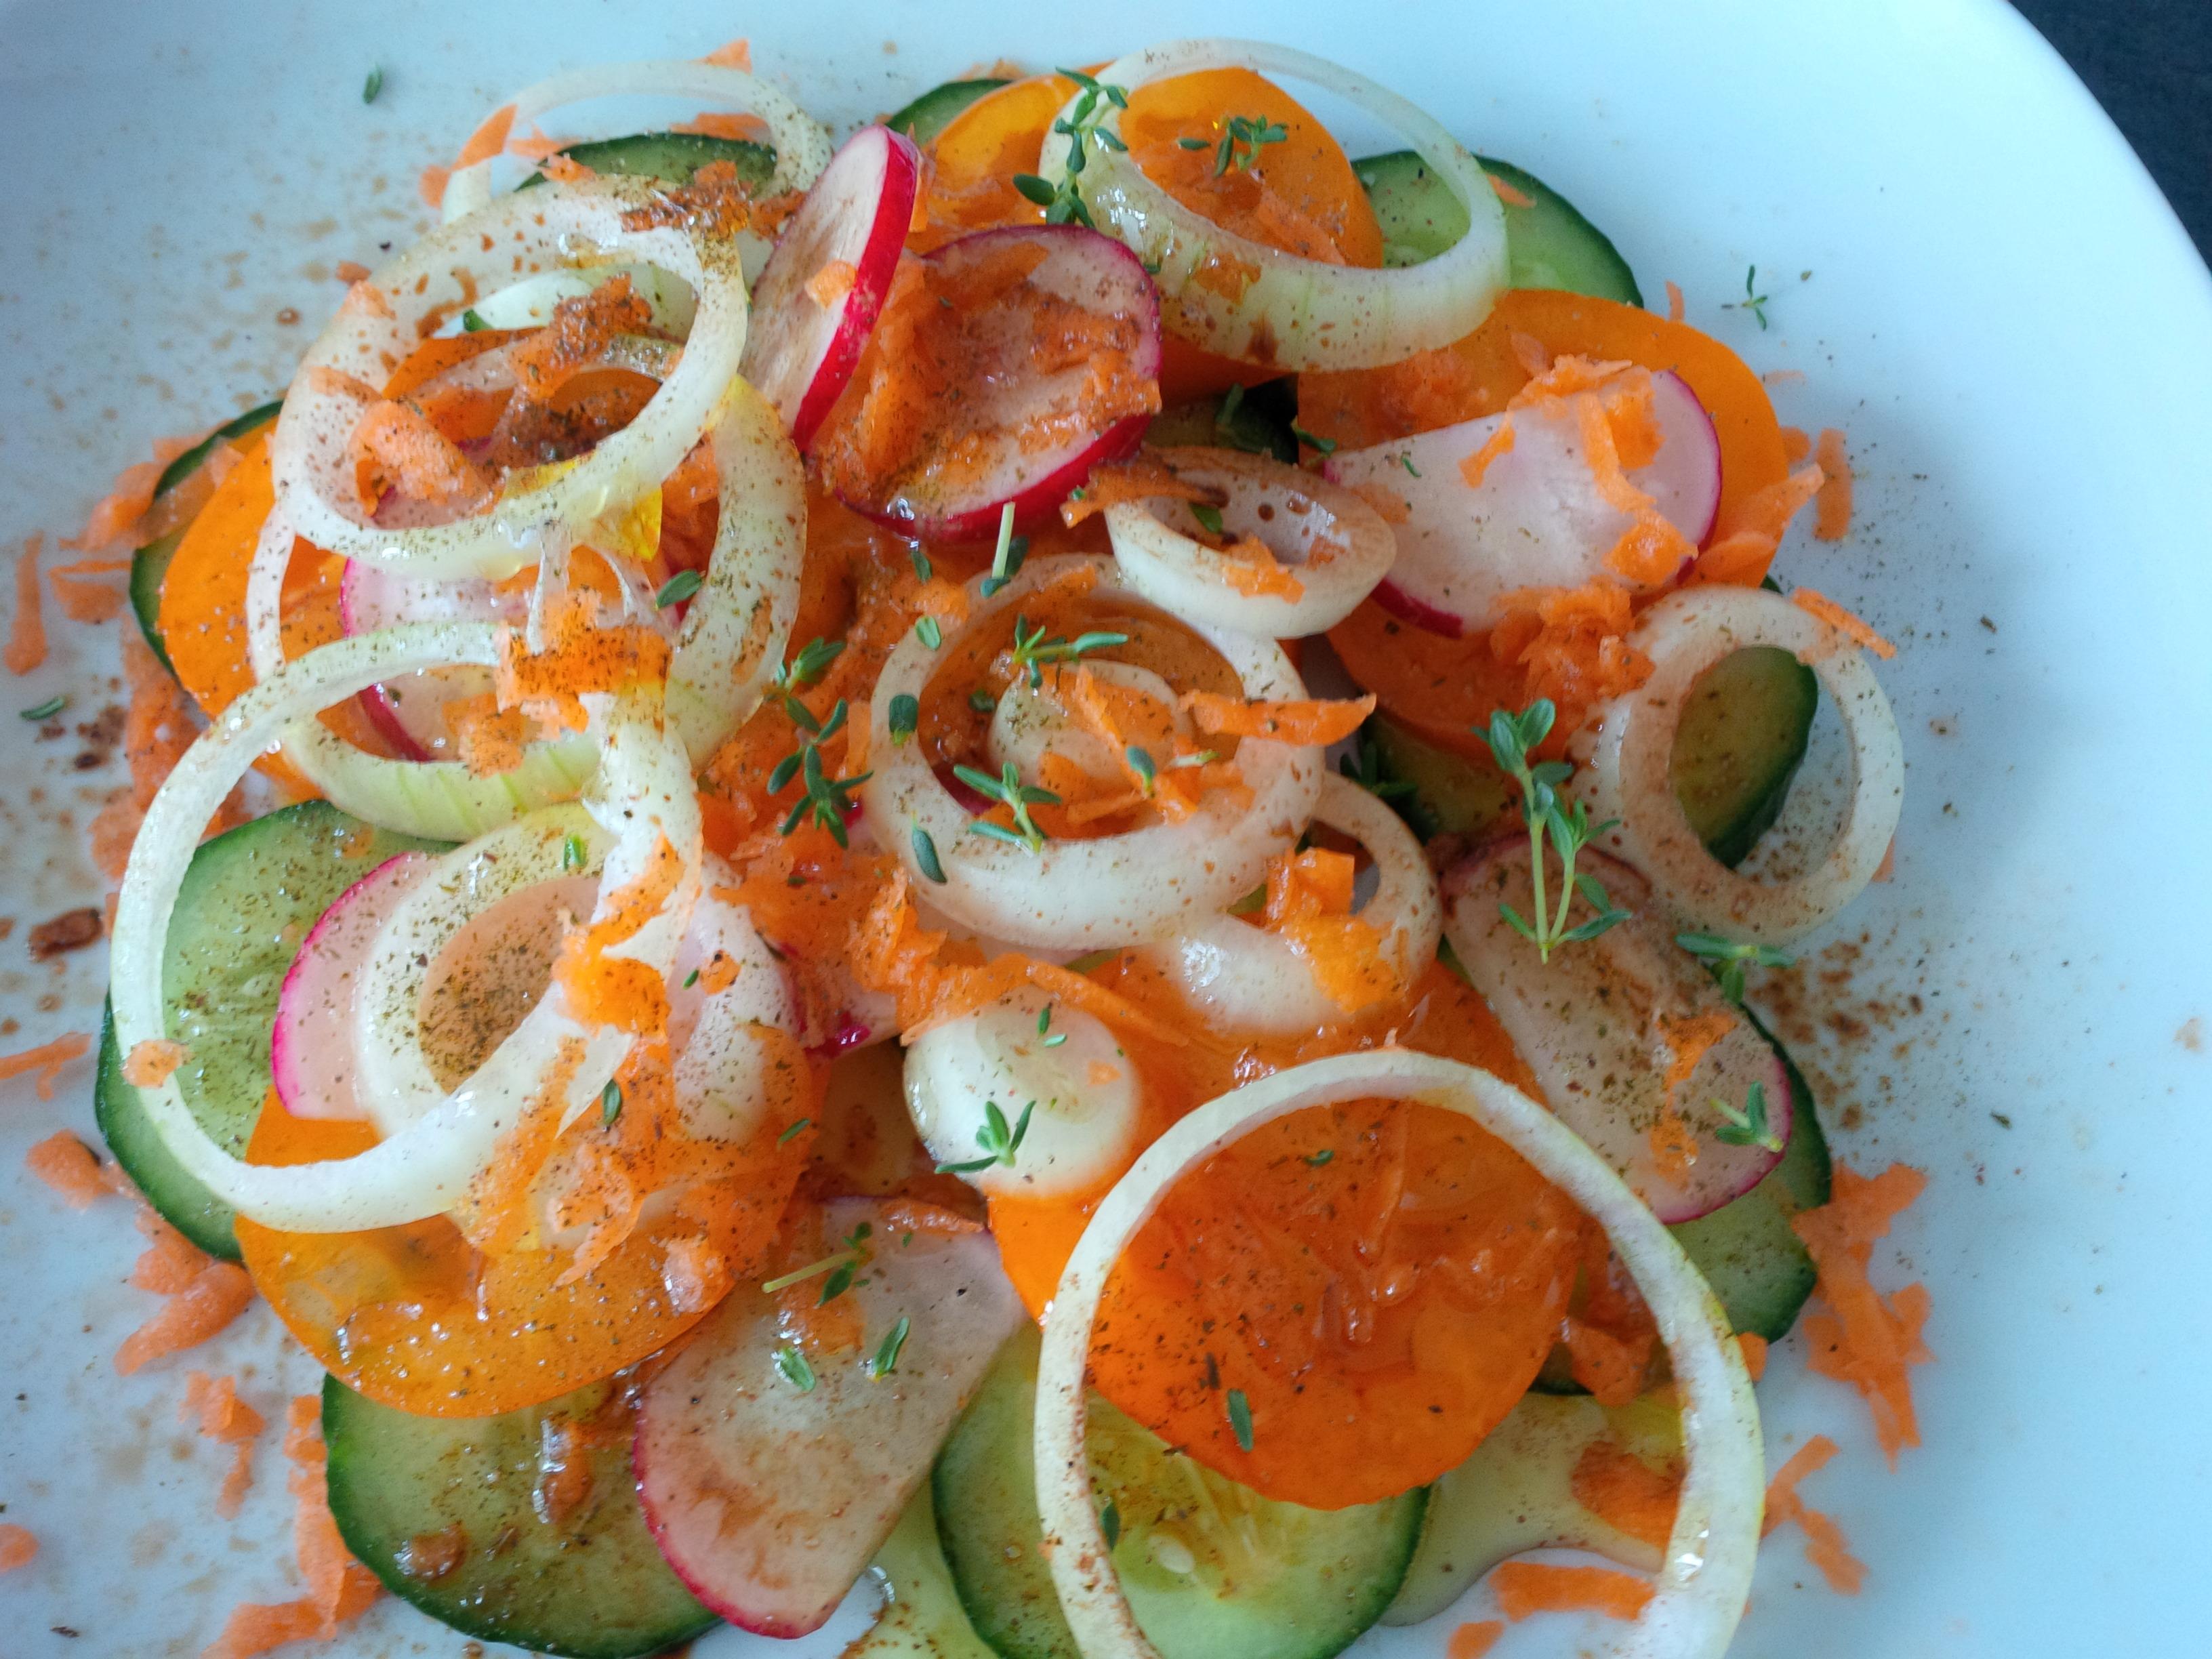 Gemischter Salat, bereits angemacht